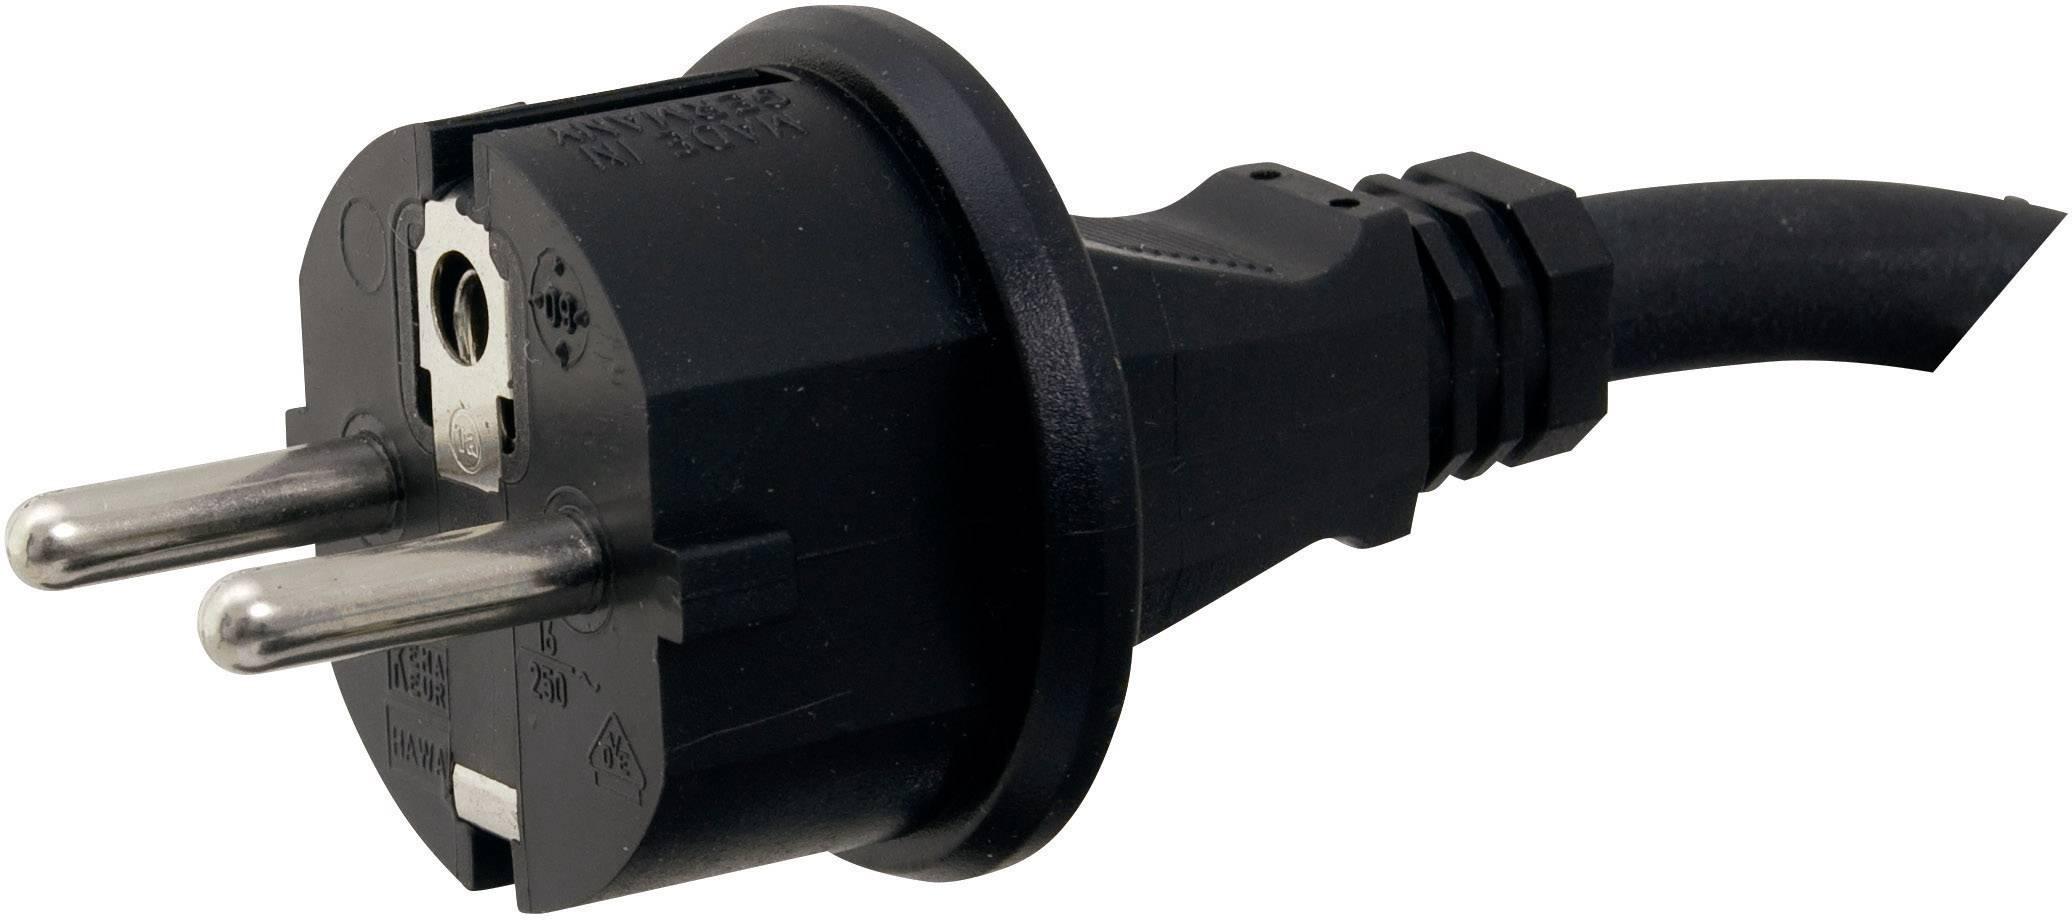 Síťový kabel Hawa, zástrčka/otevřený konec, 1,5 mm², 3 m, černá, 1008259